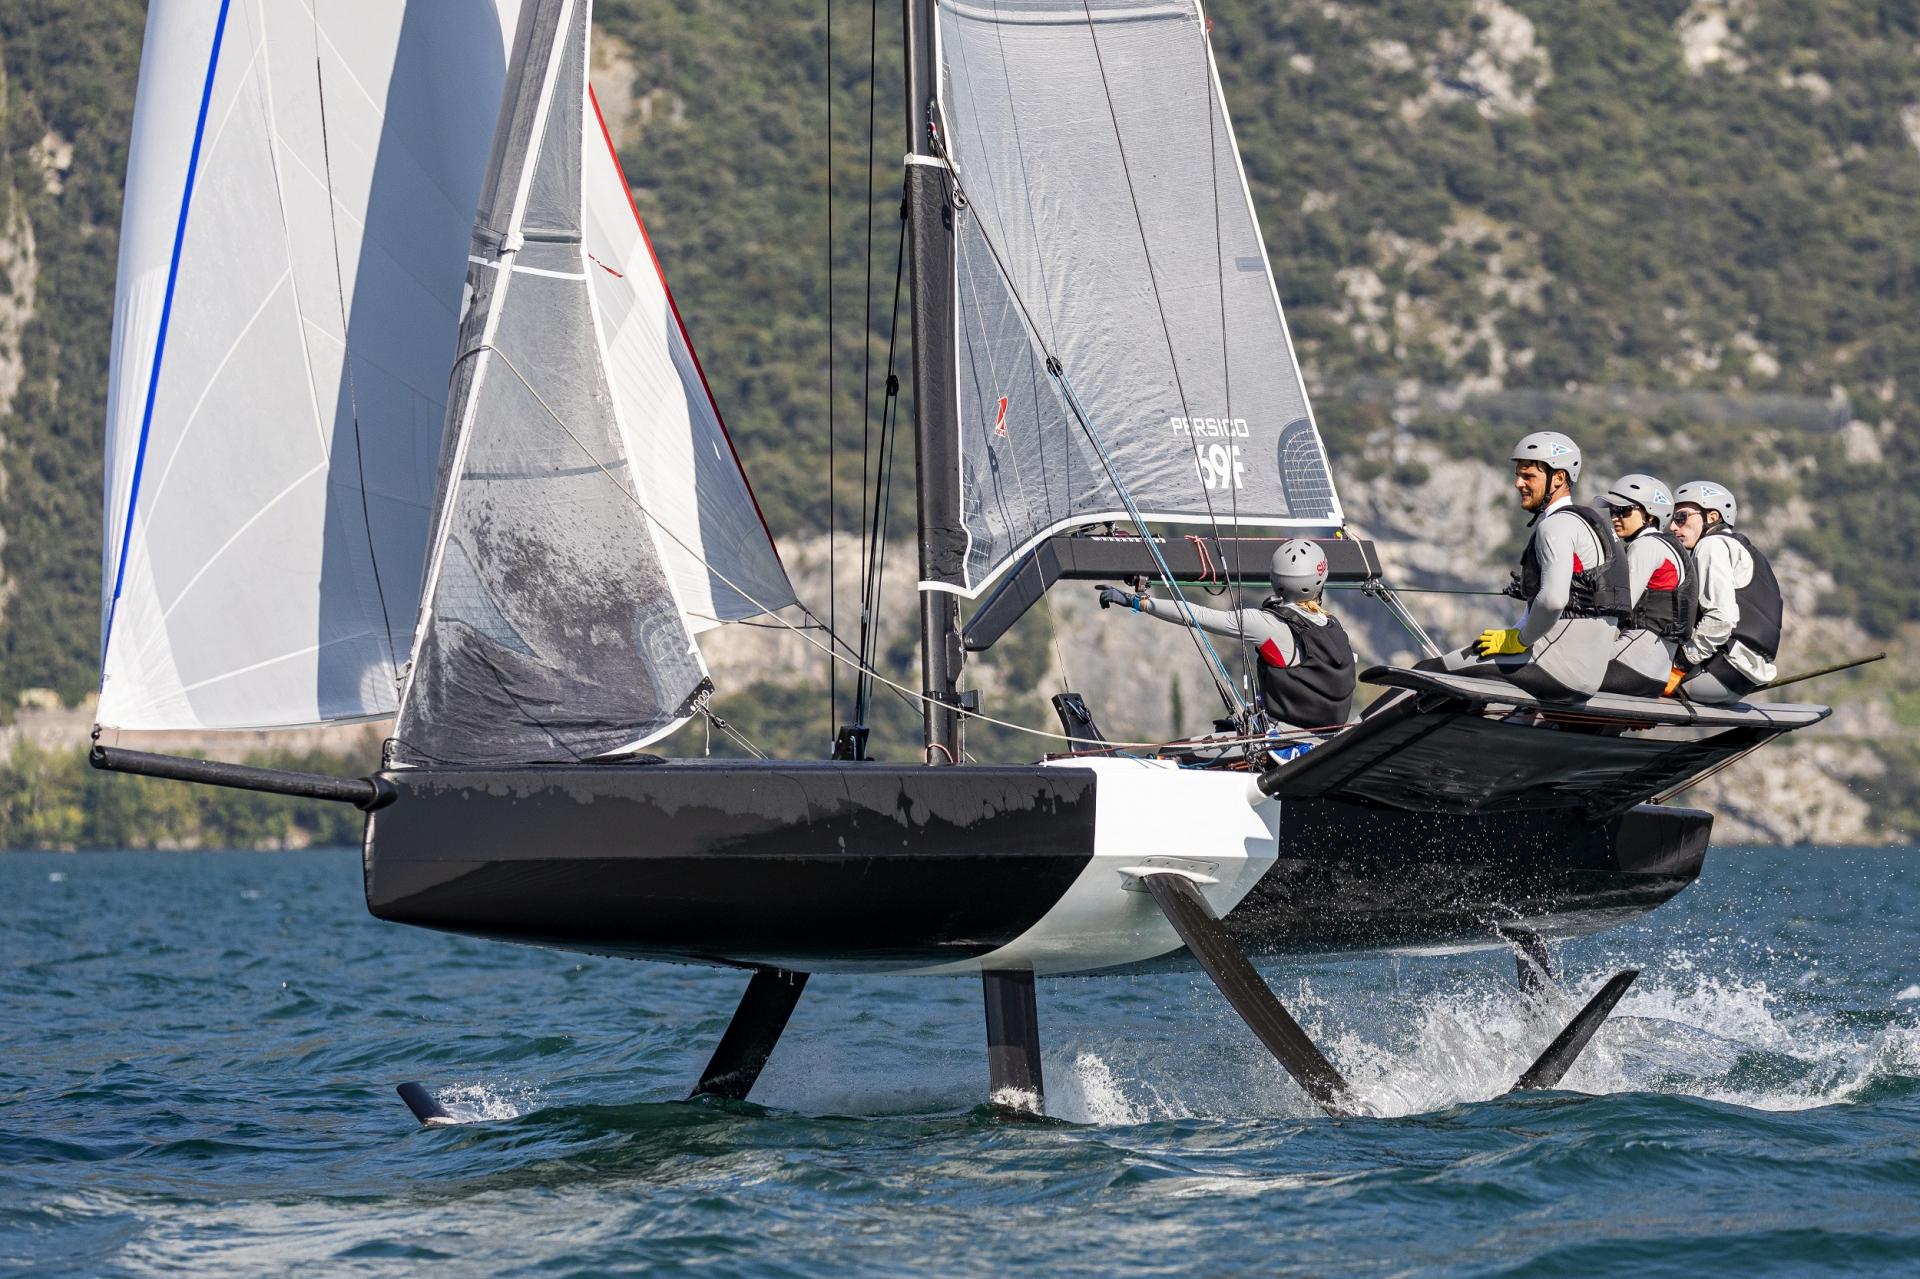 Cancellata la Youth America's Cup, Young Azzurra prosegue con il programma  - MEMBER NEWS - Yacht Club Costa Smeralda